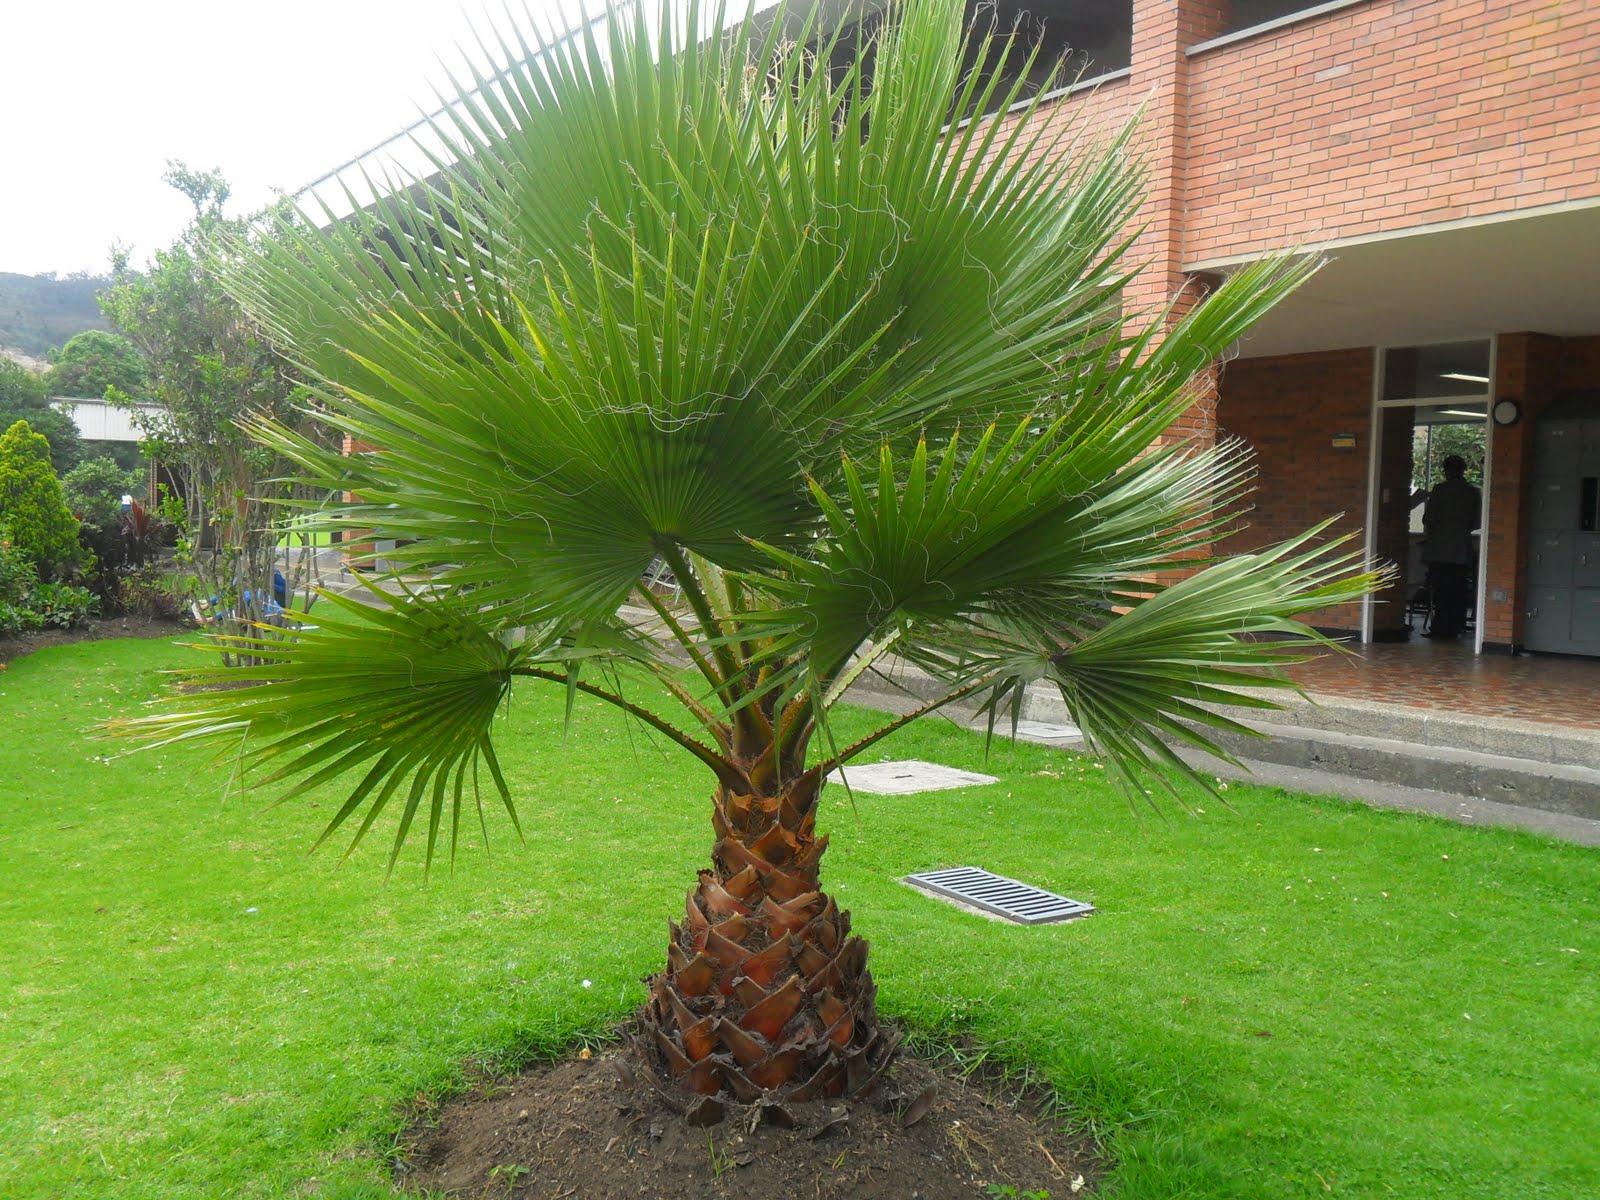 Arte y jardiner a trachycarpus fortunei - Palmeras pequenas para jardin ...